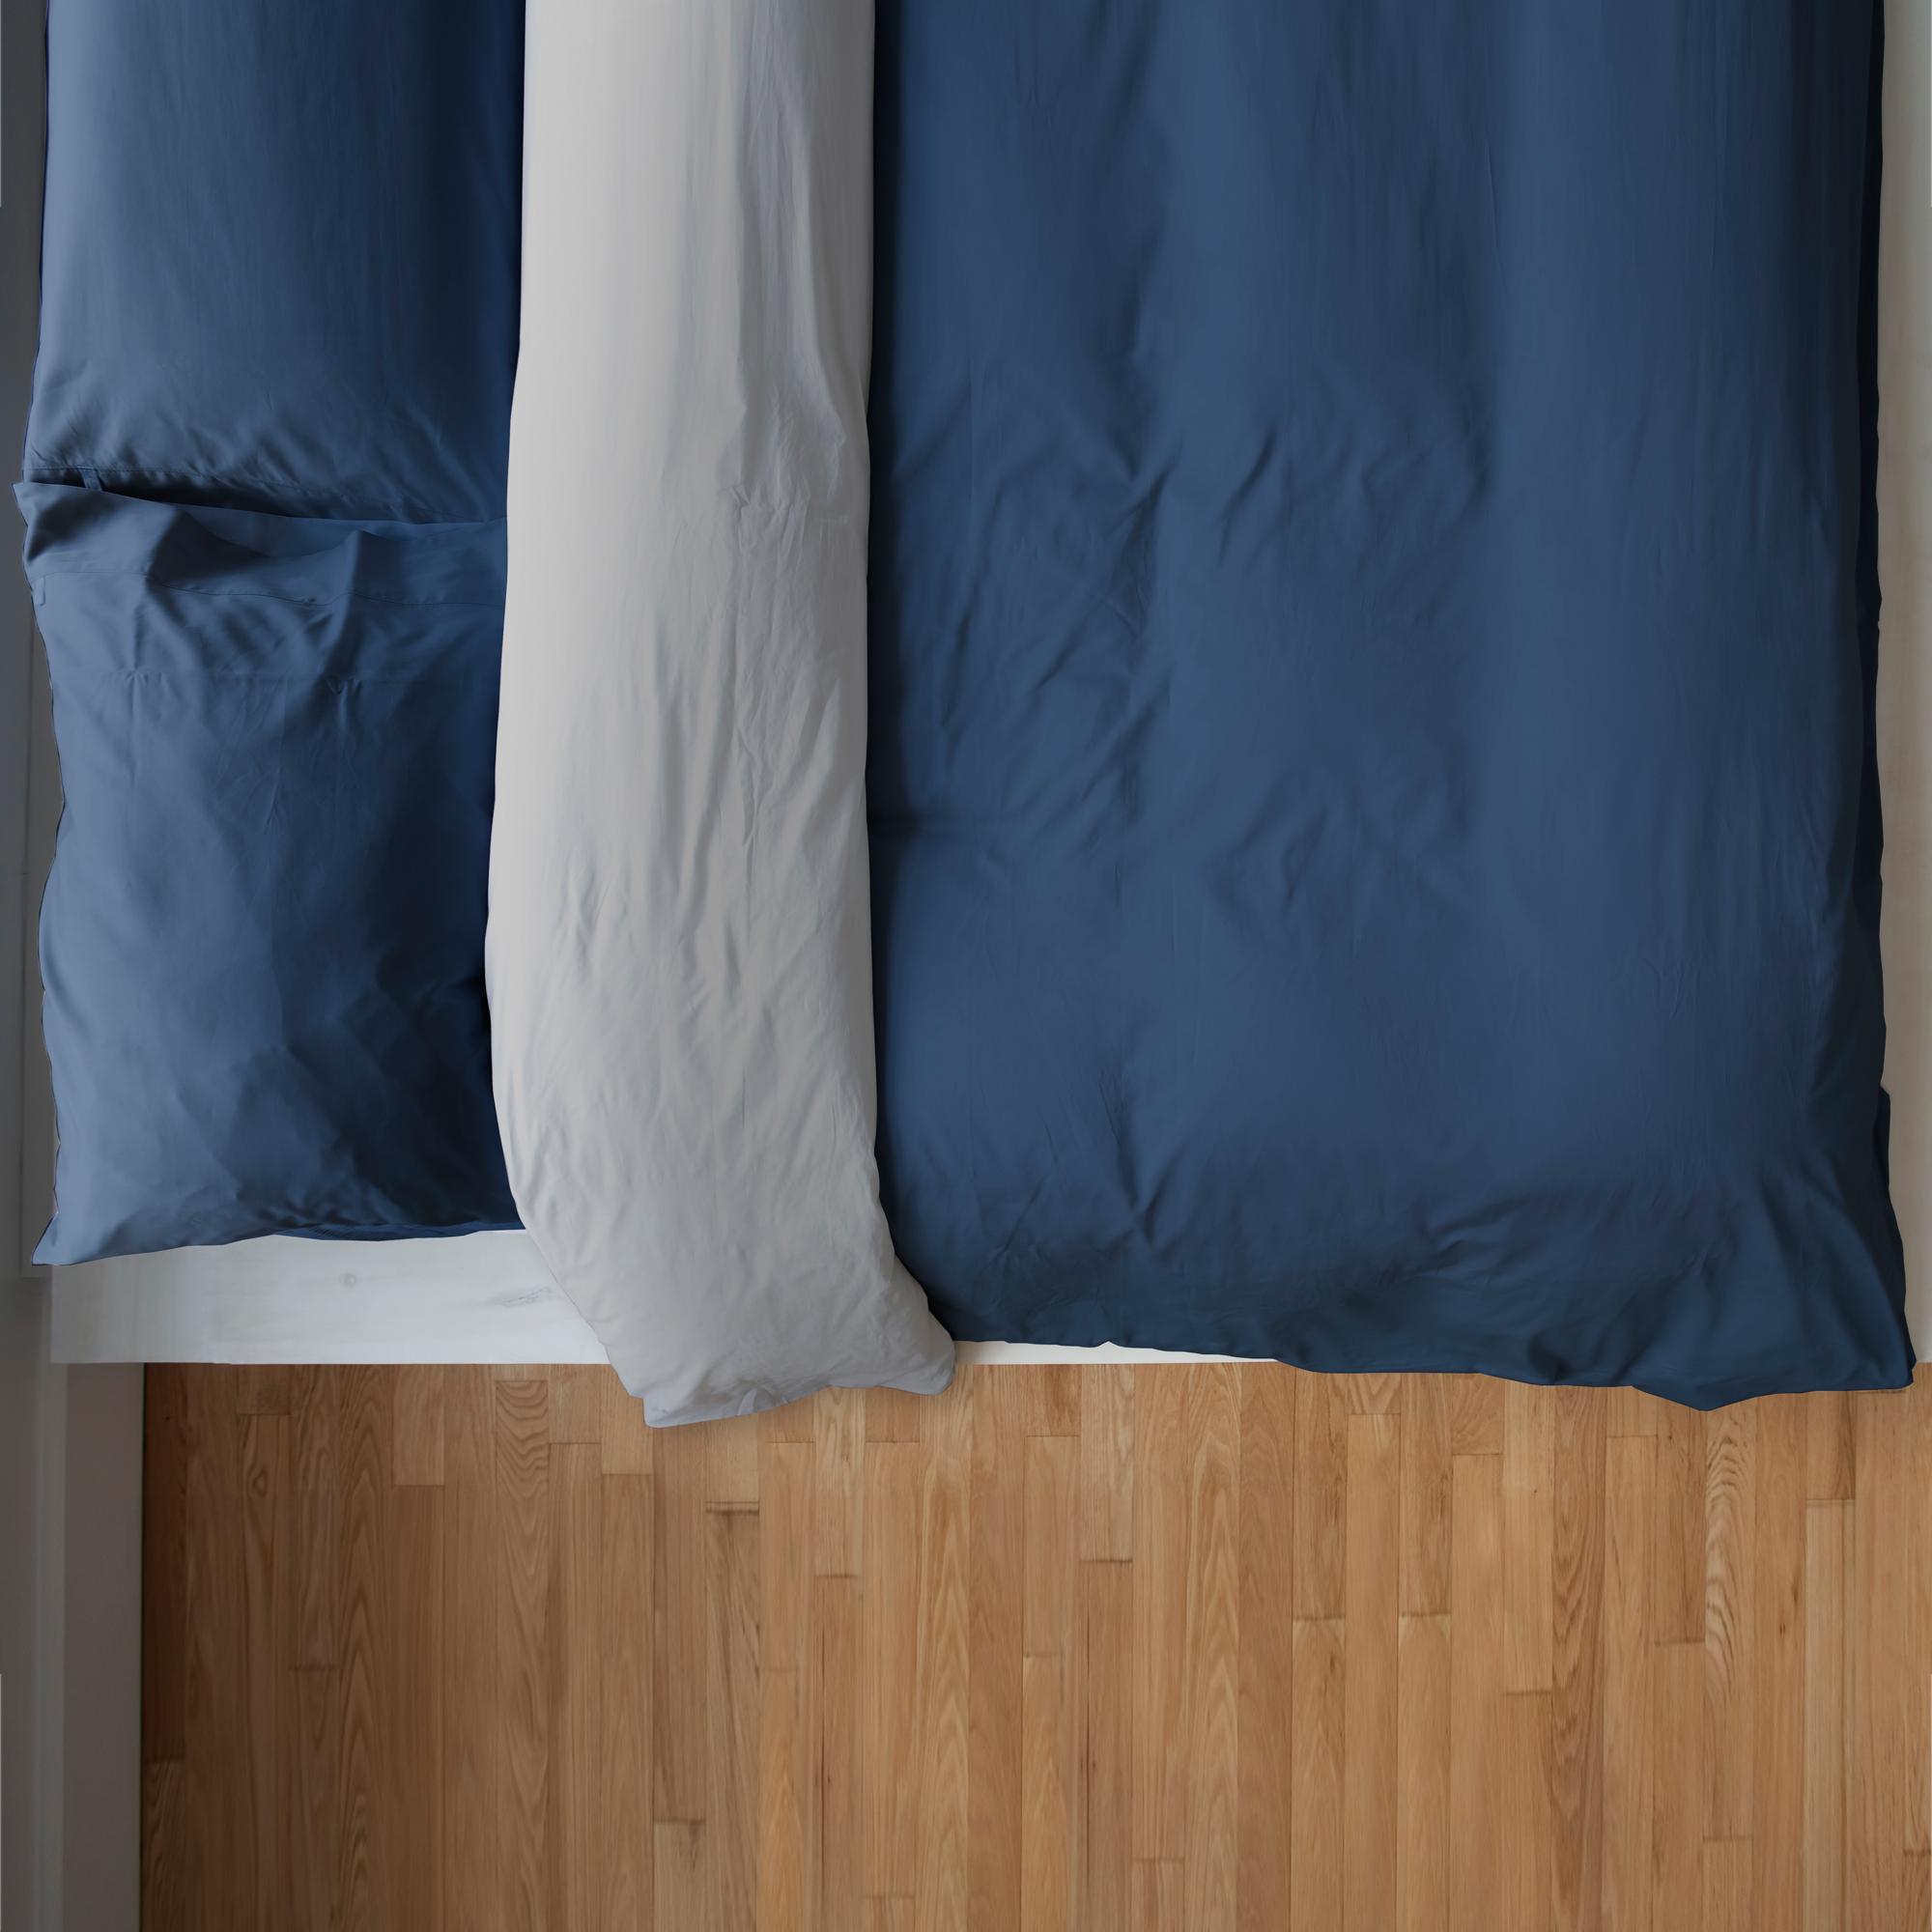 housse de couette reversible denim gris lunaire laduvet nordique couette de lit housse. Black Bedroom Furniture Sets. Home Design Ideas